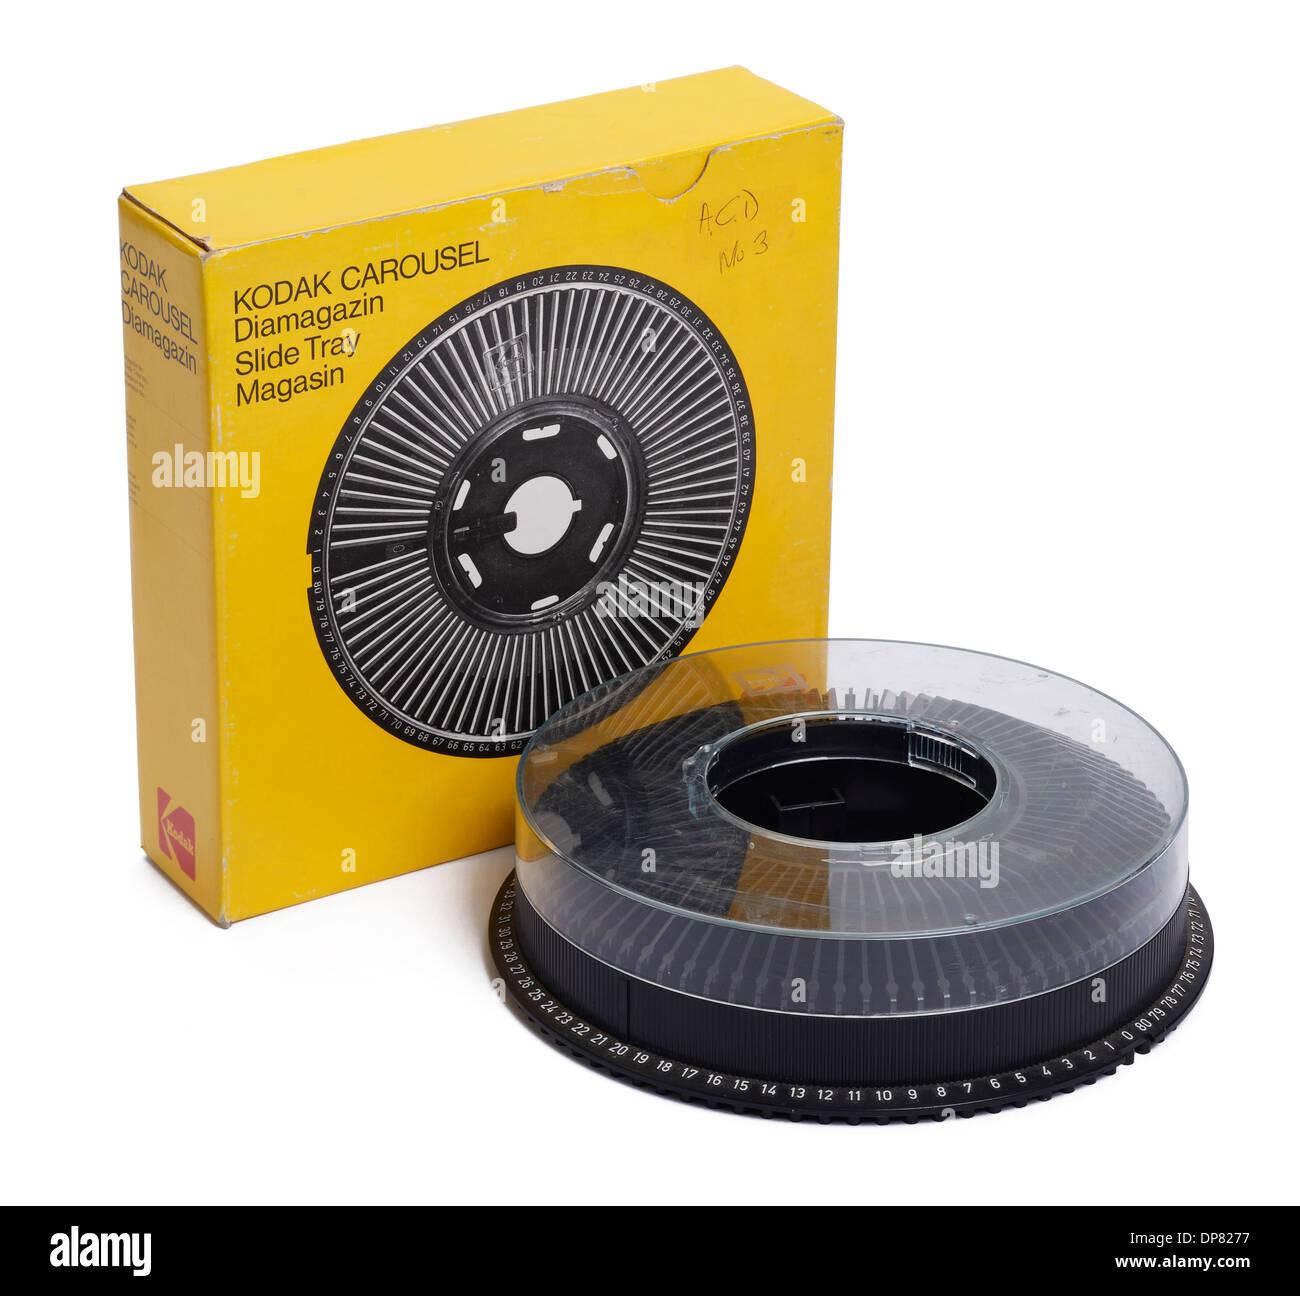 Kreisförmige Einschubfachs Kodak Carousel und den Kasten für einen Diaprojektor Stockbild